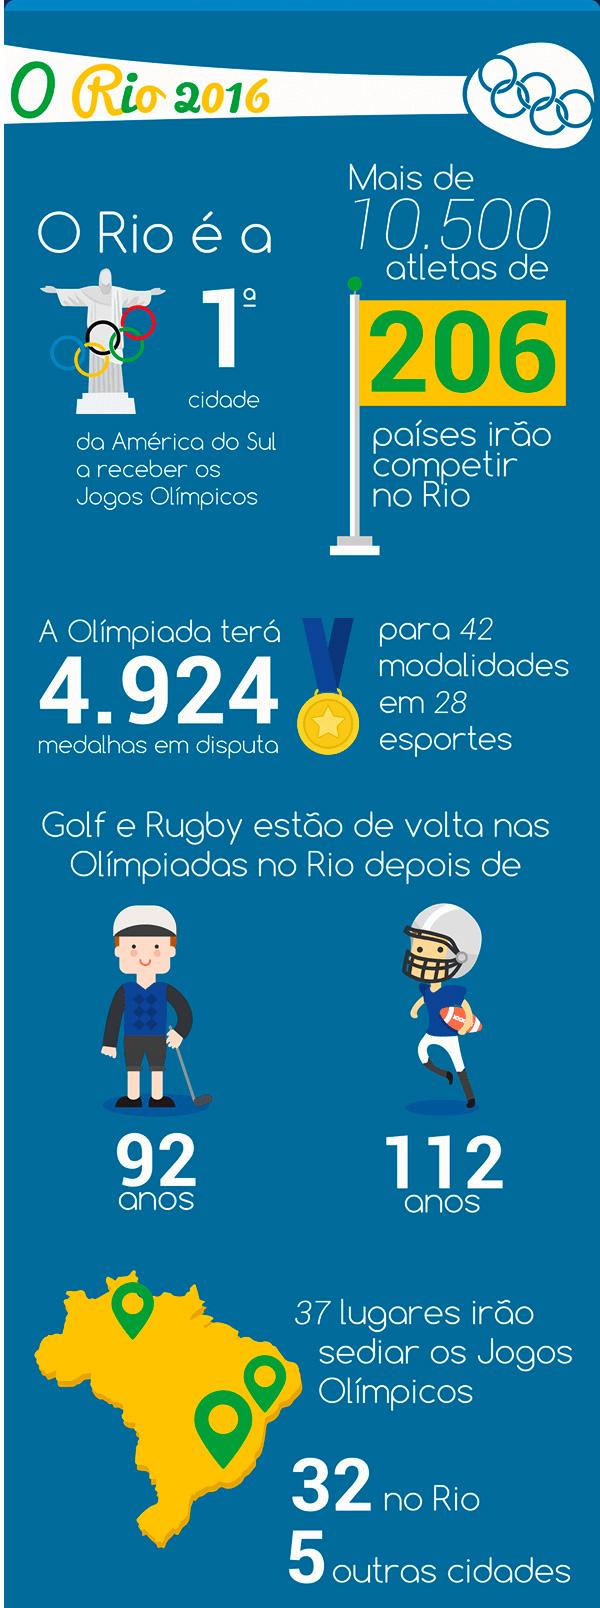 19-fatos-sobre-os-Jogos-Olimpicos-Rio-2016-que-talvez-voce-nao-saiba_02